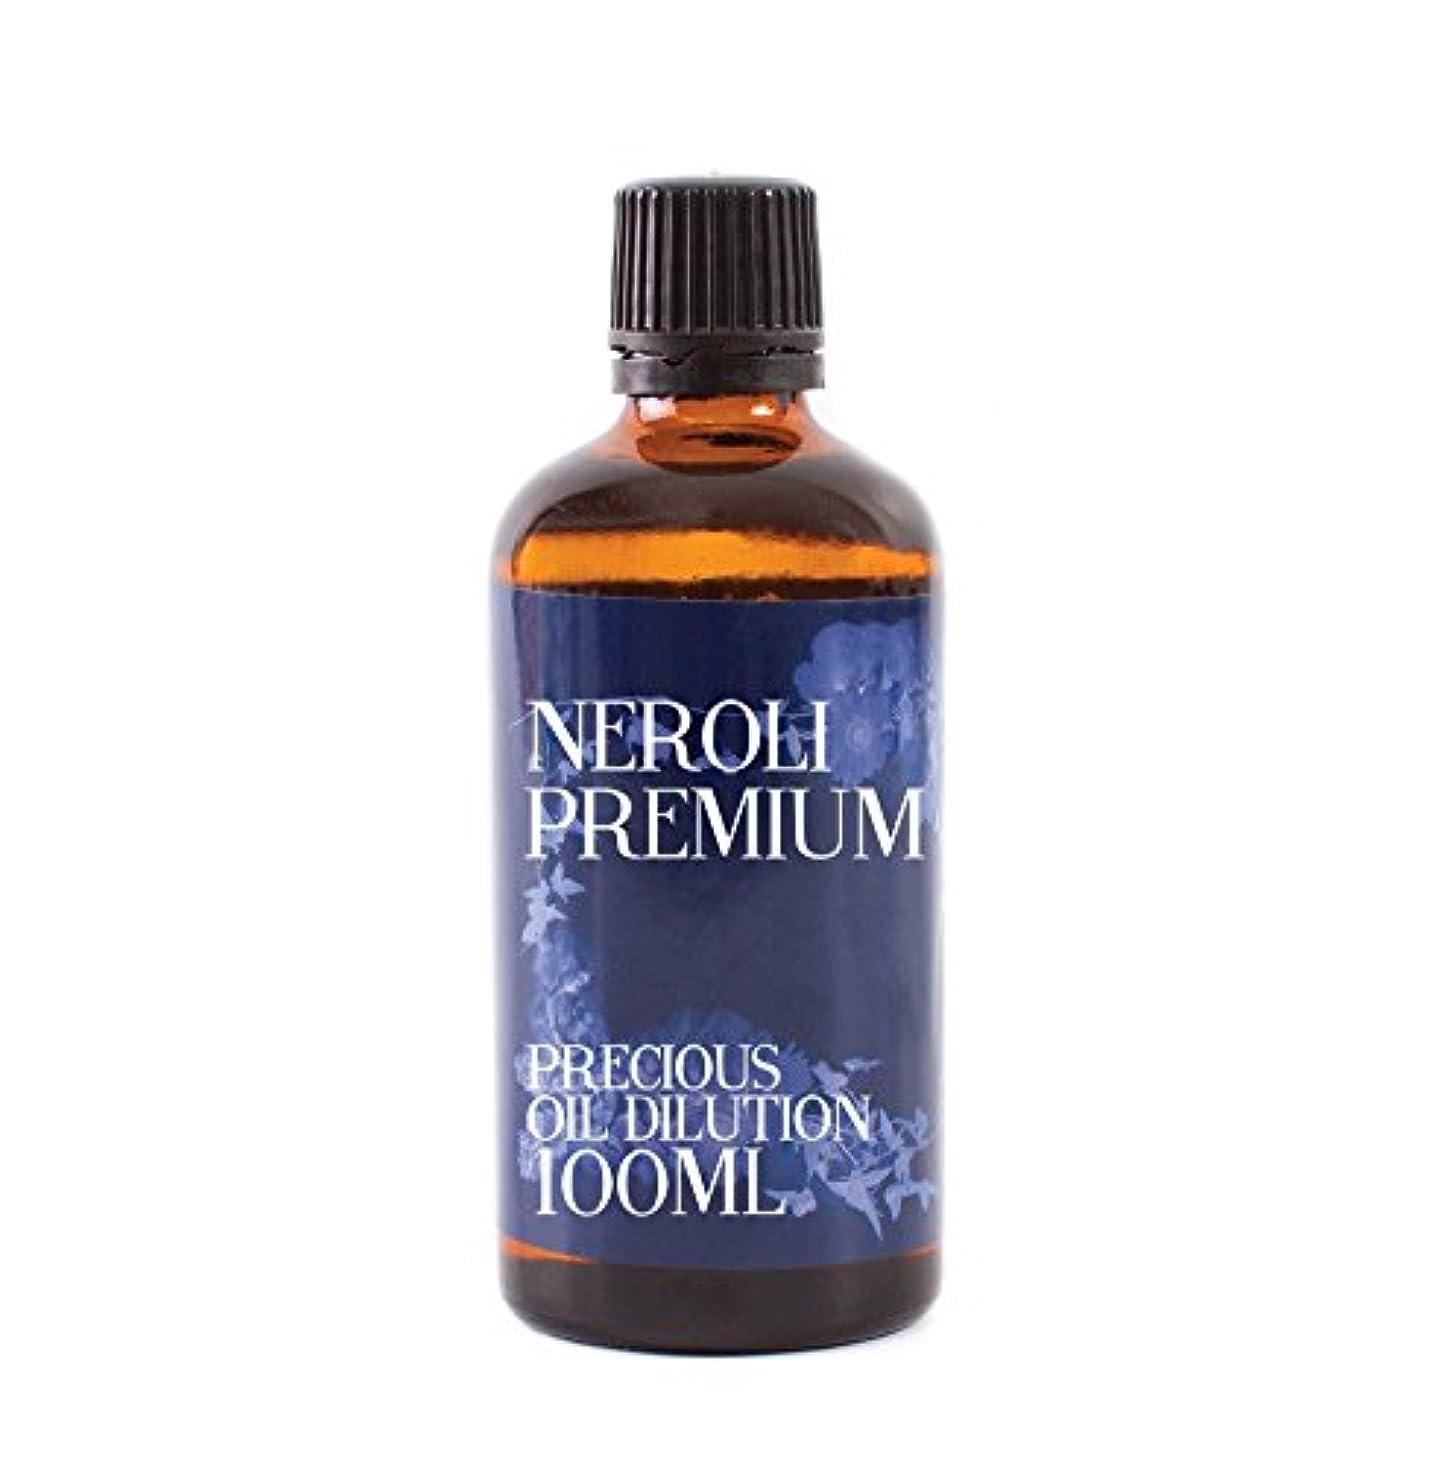 追い越す宣教師腸Mystic Moments | Neroli Premium Essential Oil Dilution - 100ml - 3% Jojoba Blend